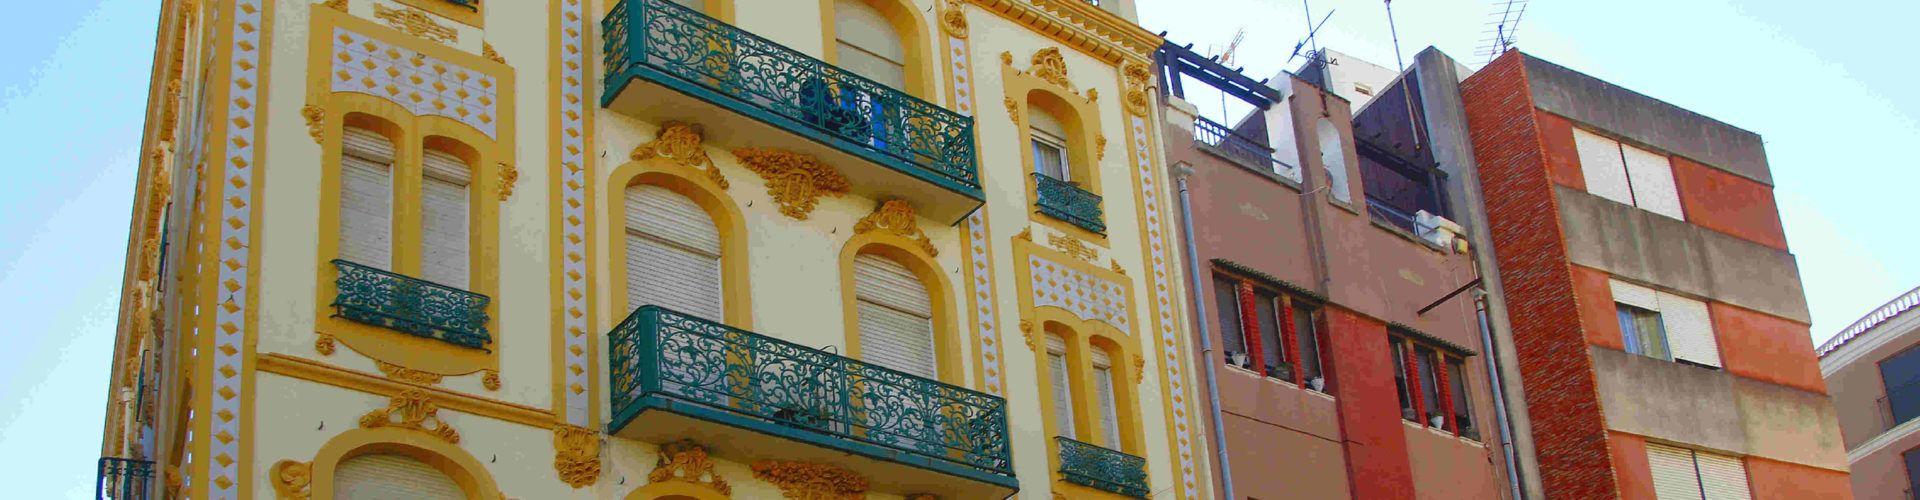 Ben Vist: Modernisme als carrers de Vinaròs